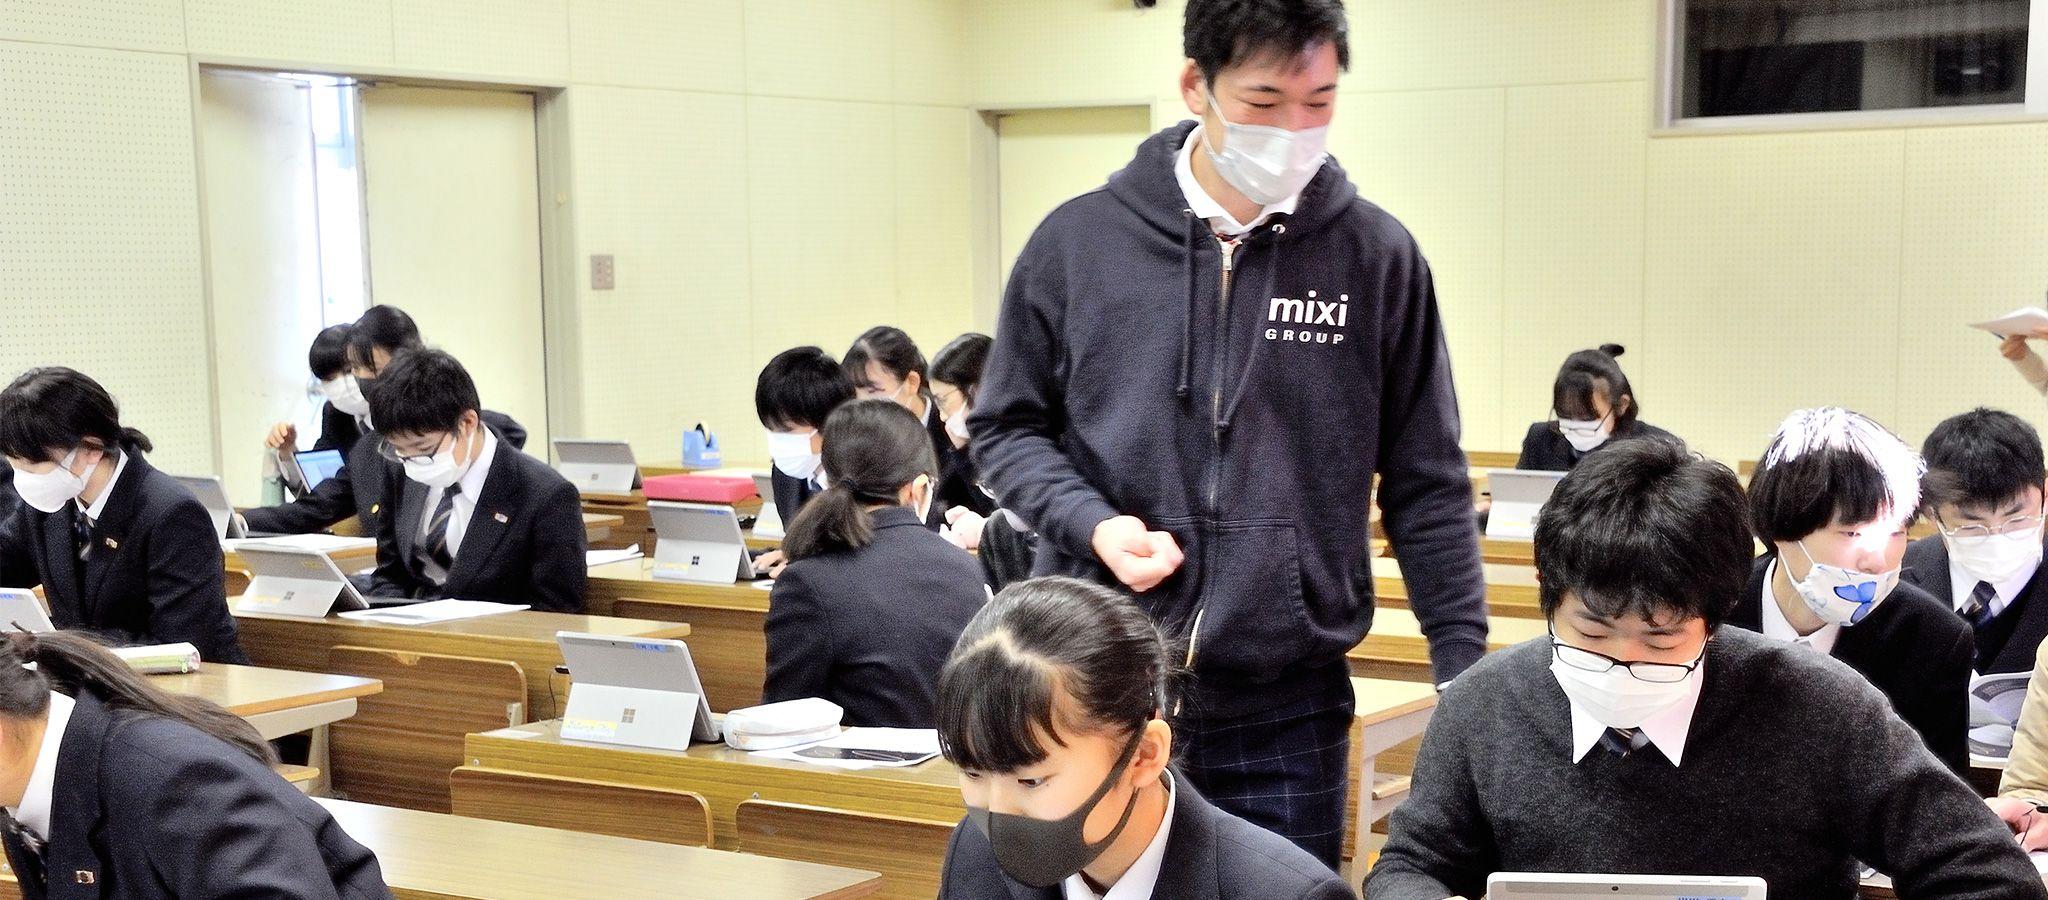 ミクシィが中学生にプログラミング教えるワケ